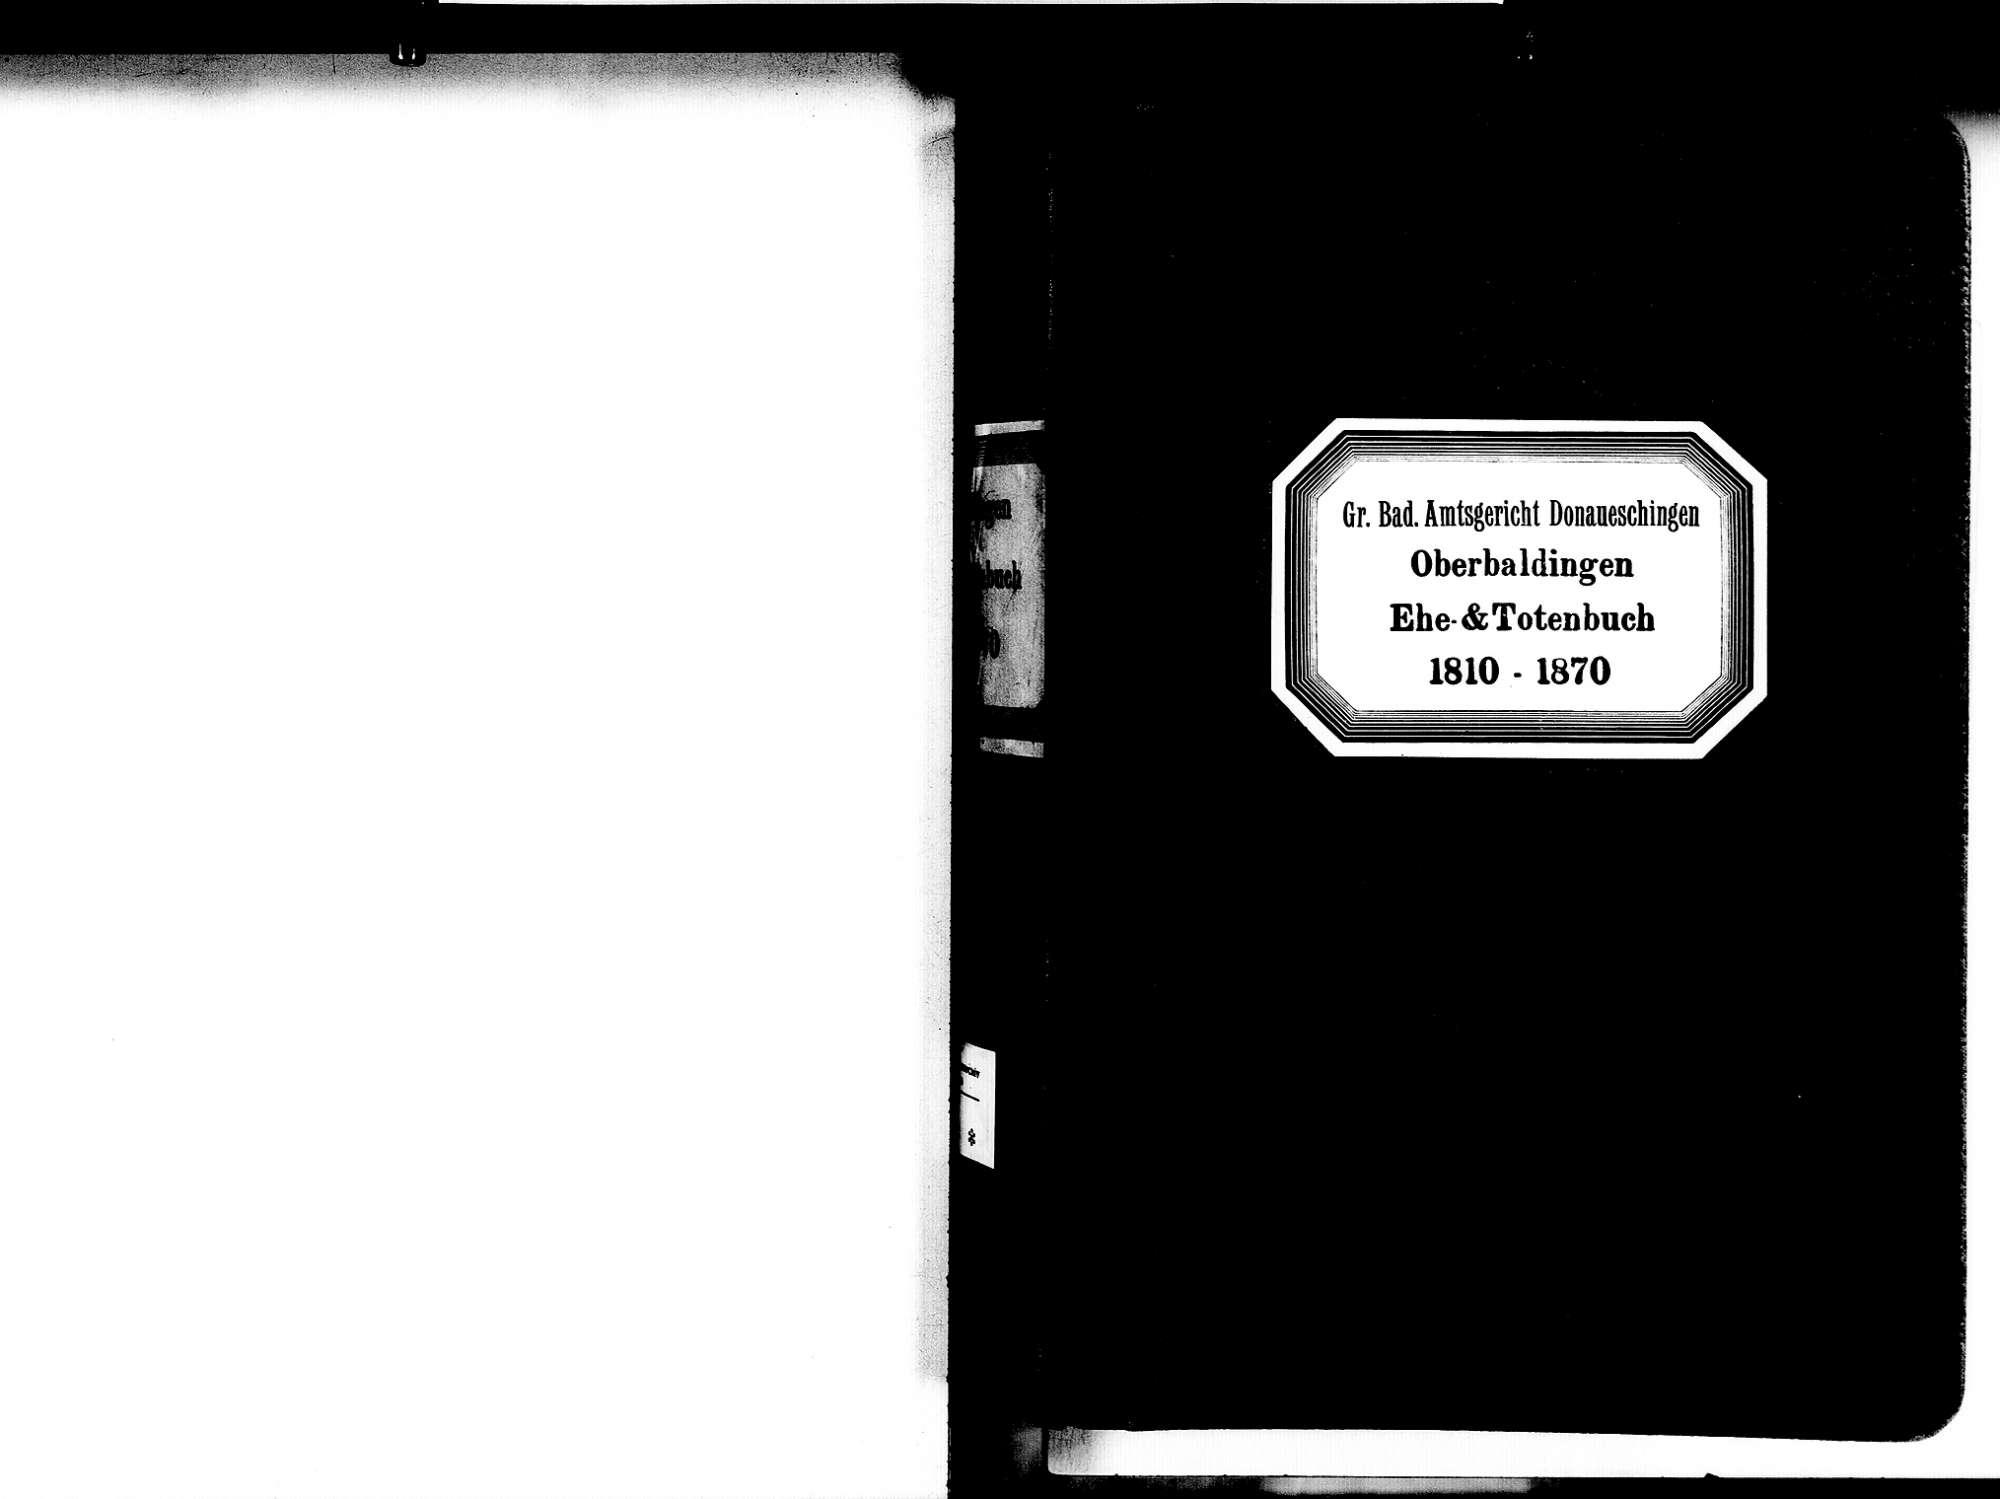 Oberbaldingen, Bad Dürrheim VS; Evangelische Gemeinde: Heiratsbuch 1810-1870 Oberbaldingen, Bad Dürrheim VS; Evangelische Gemeinde: Sterbebuch 1810-1870, Bild 2